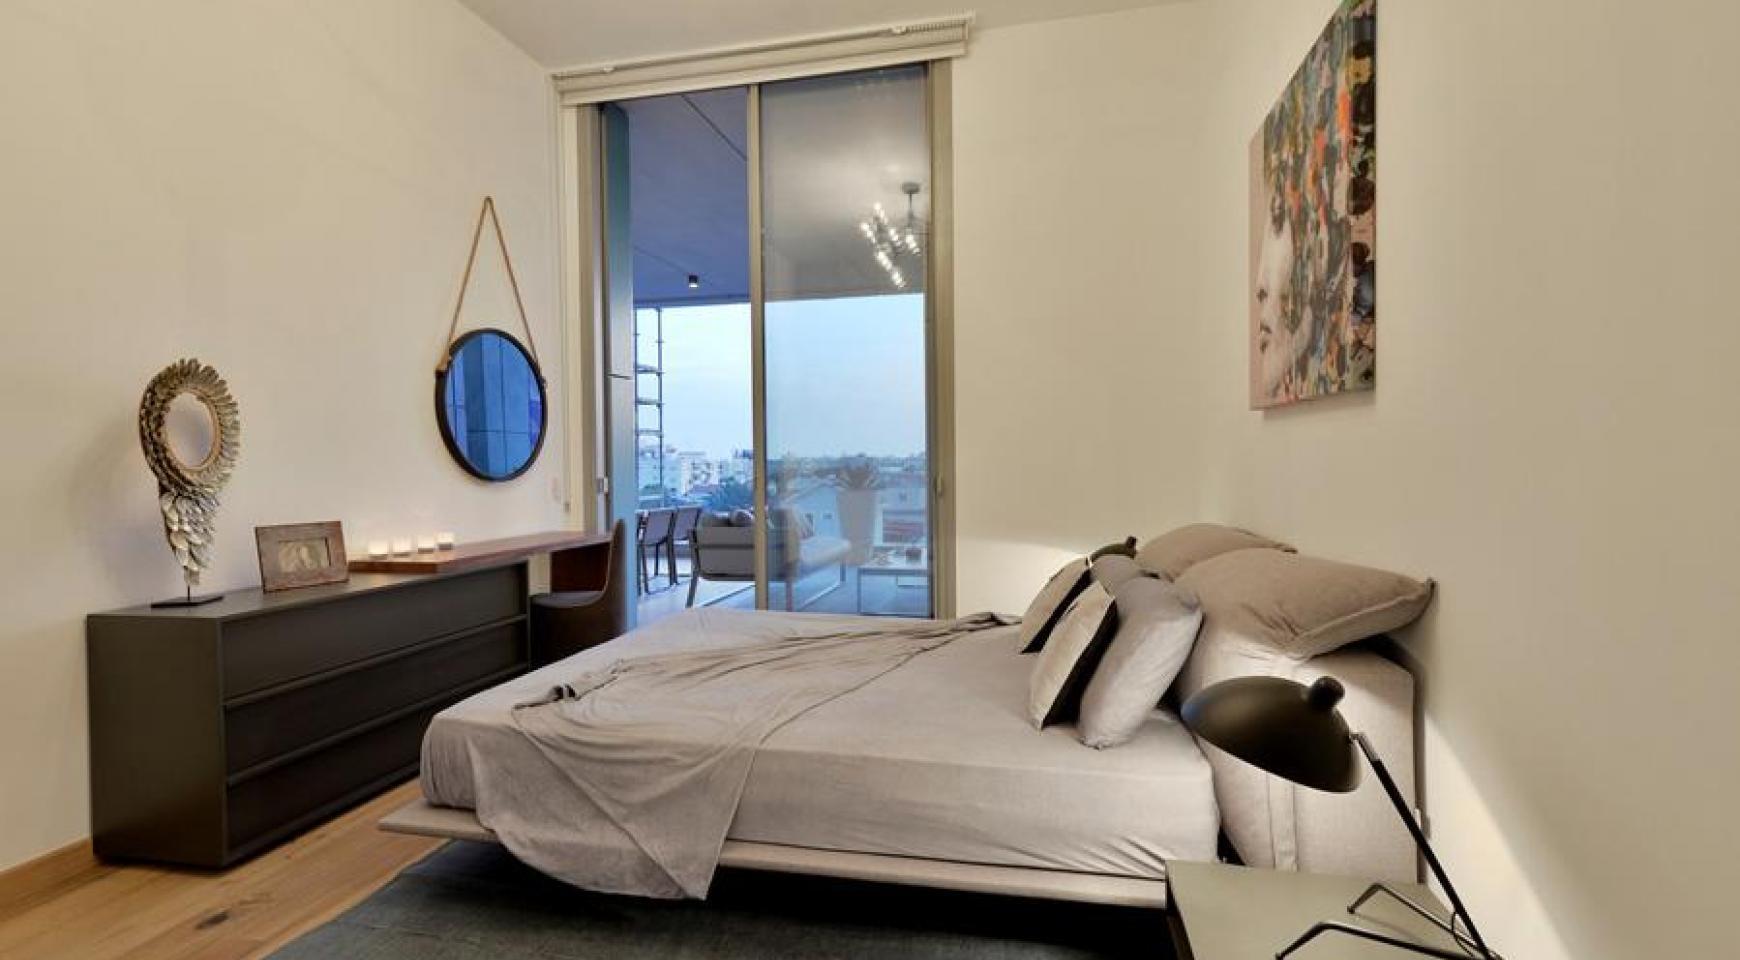 Πολυτελές διαμέρισμα 2 υπνοδωματίων με ταράτσα στο νεόδμητο συγκρότημα - 18